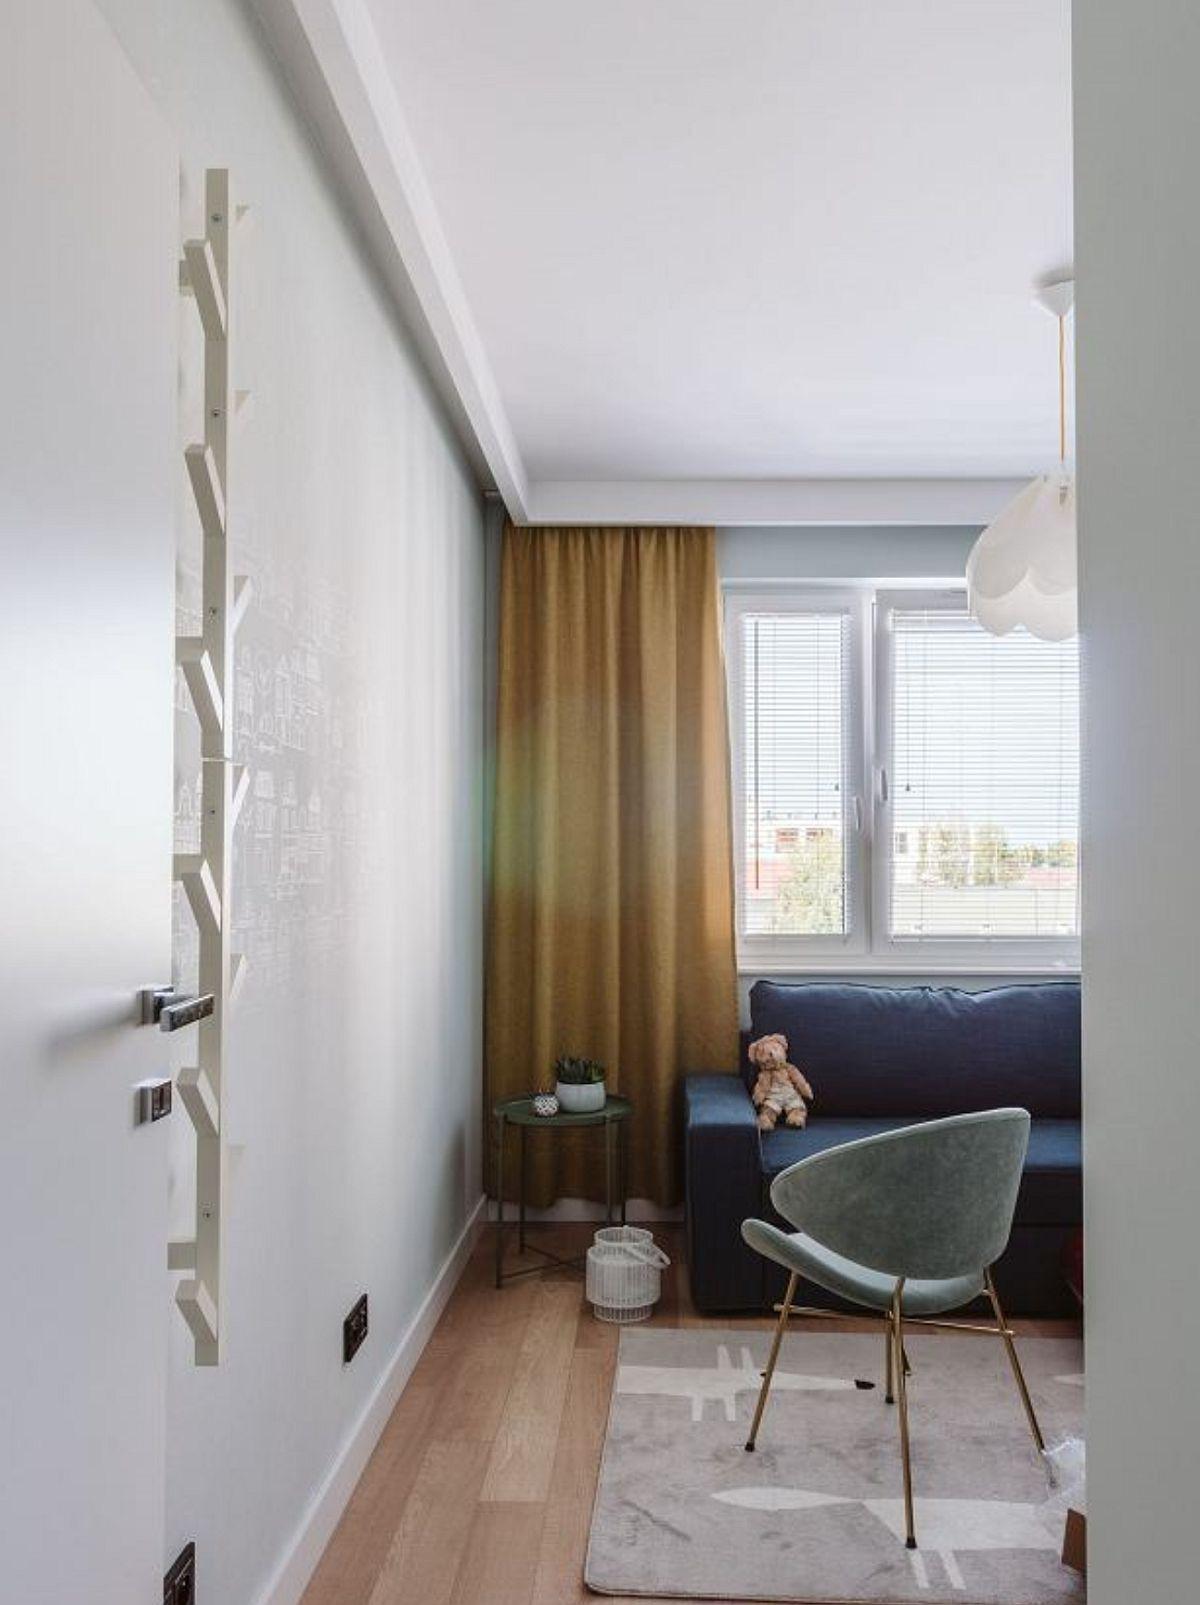 Dormitorul copilului mic este amenajat cu o canapea alături de pătuțul bebelușului. Astfel, ocazional, camera poate fi folosită și pentru oaspeți, dar totodată canapeaua asigură un loc de dormit unuia dintre părinți când aceștia vor să supravegheze copilul.